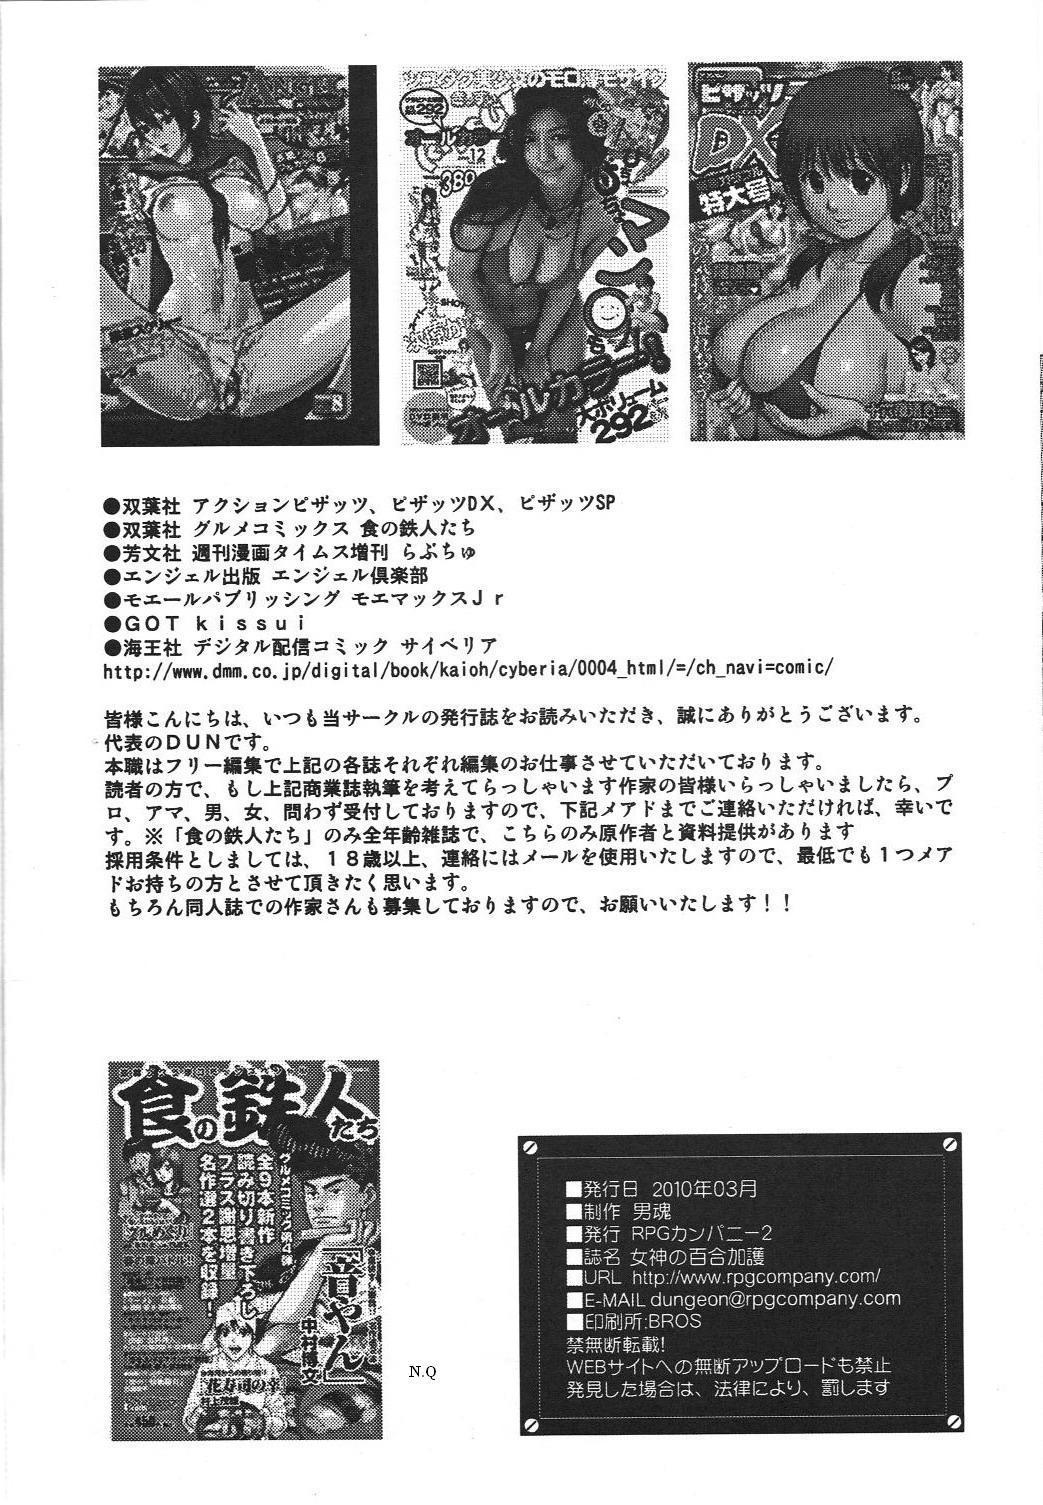 Megami no yuri kago 85